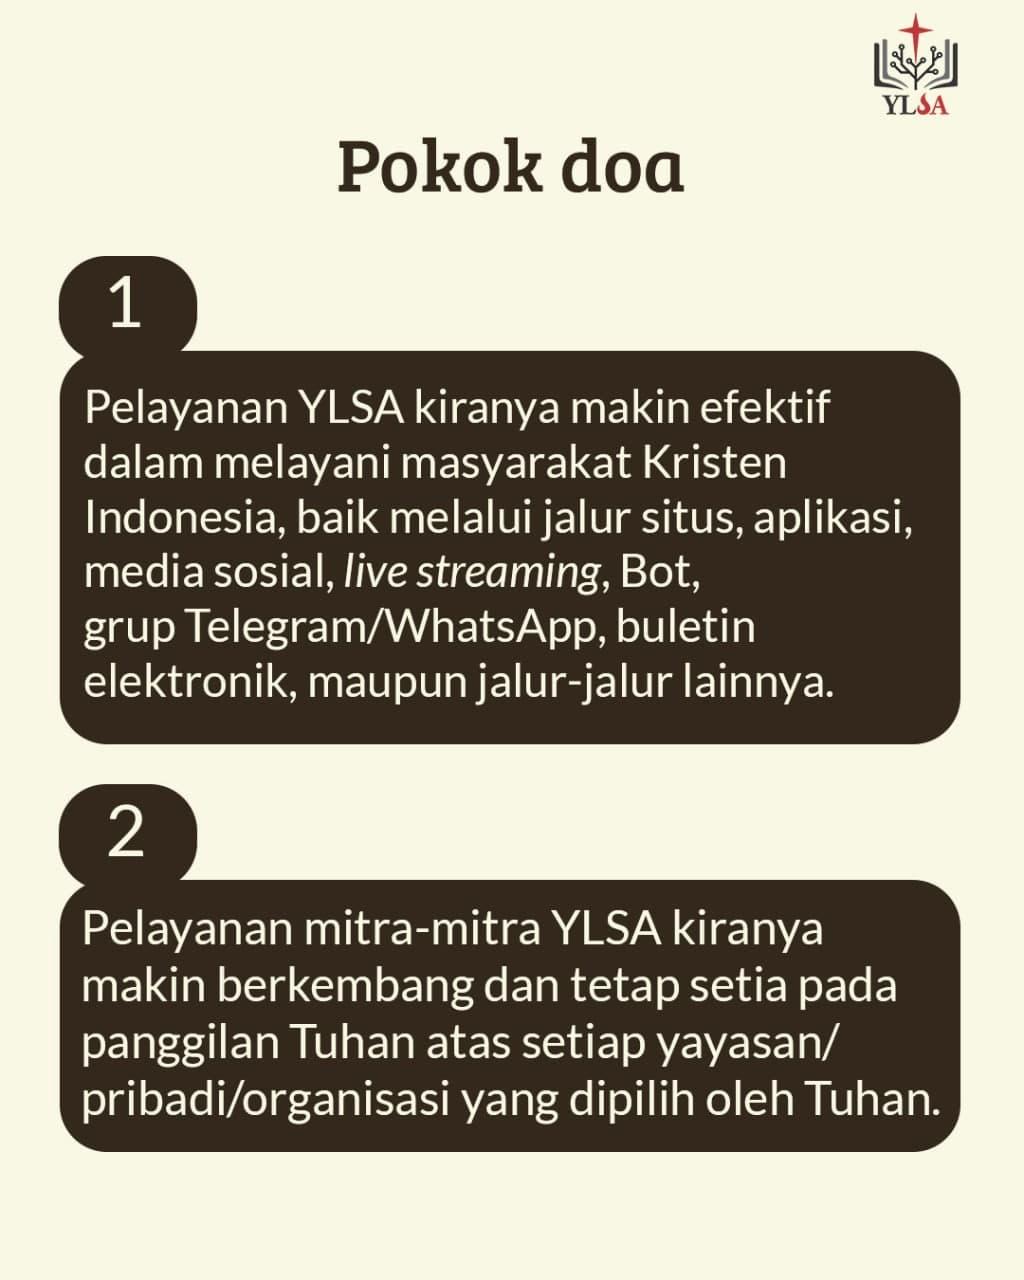 Mari berdoa bagi pelayanan YLSA dan mitra-mitra YLSA.